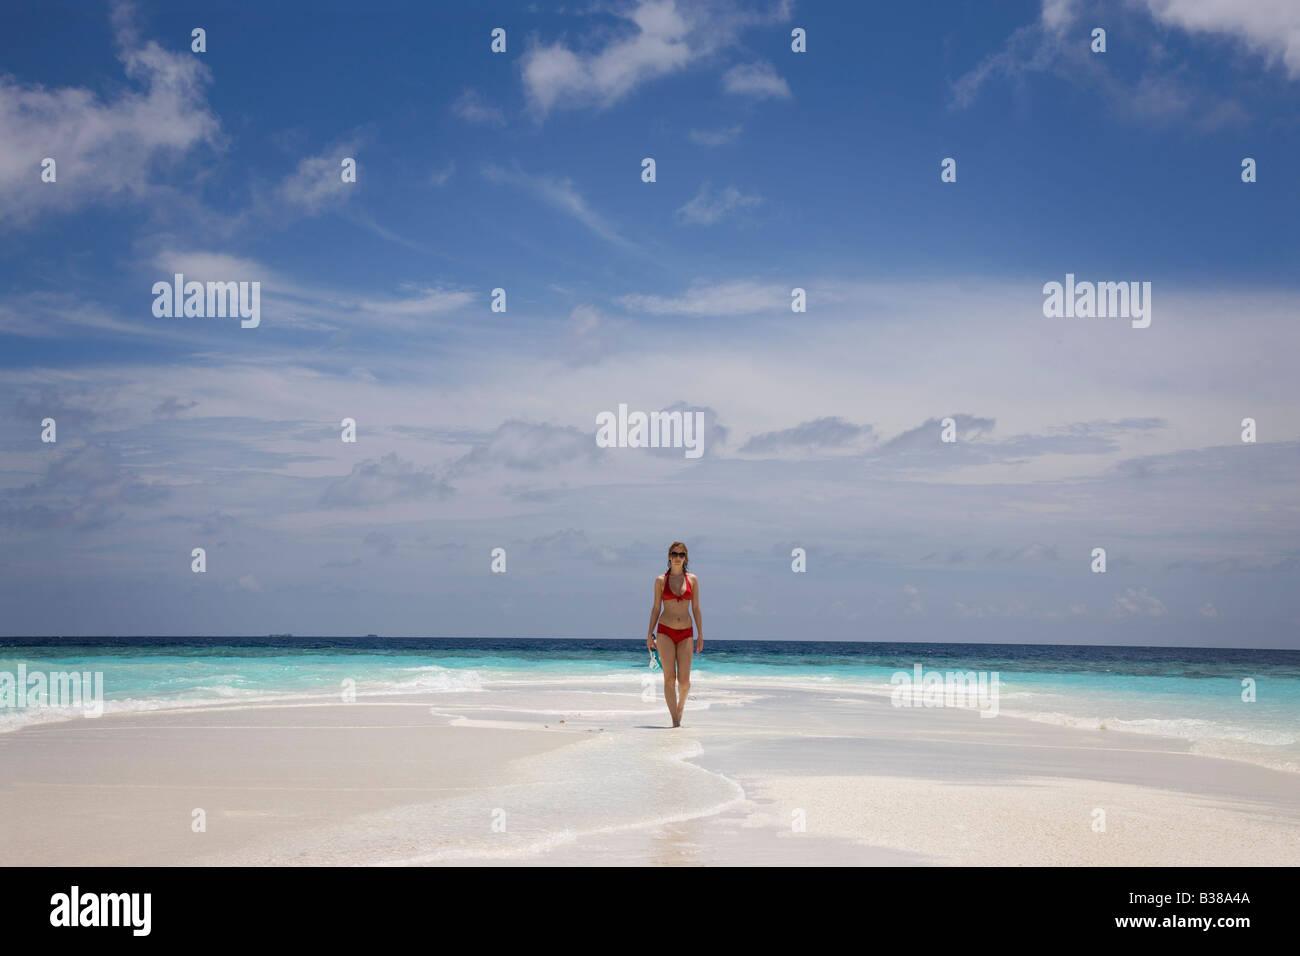 Giovane Donna che cammina lungo i deserti di spiaggia di sabbia bianca circondata da acque tropicali delle Maldive Foto Stock